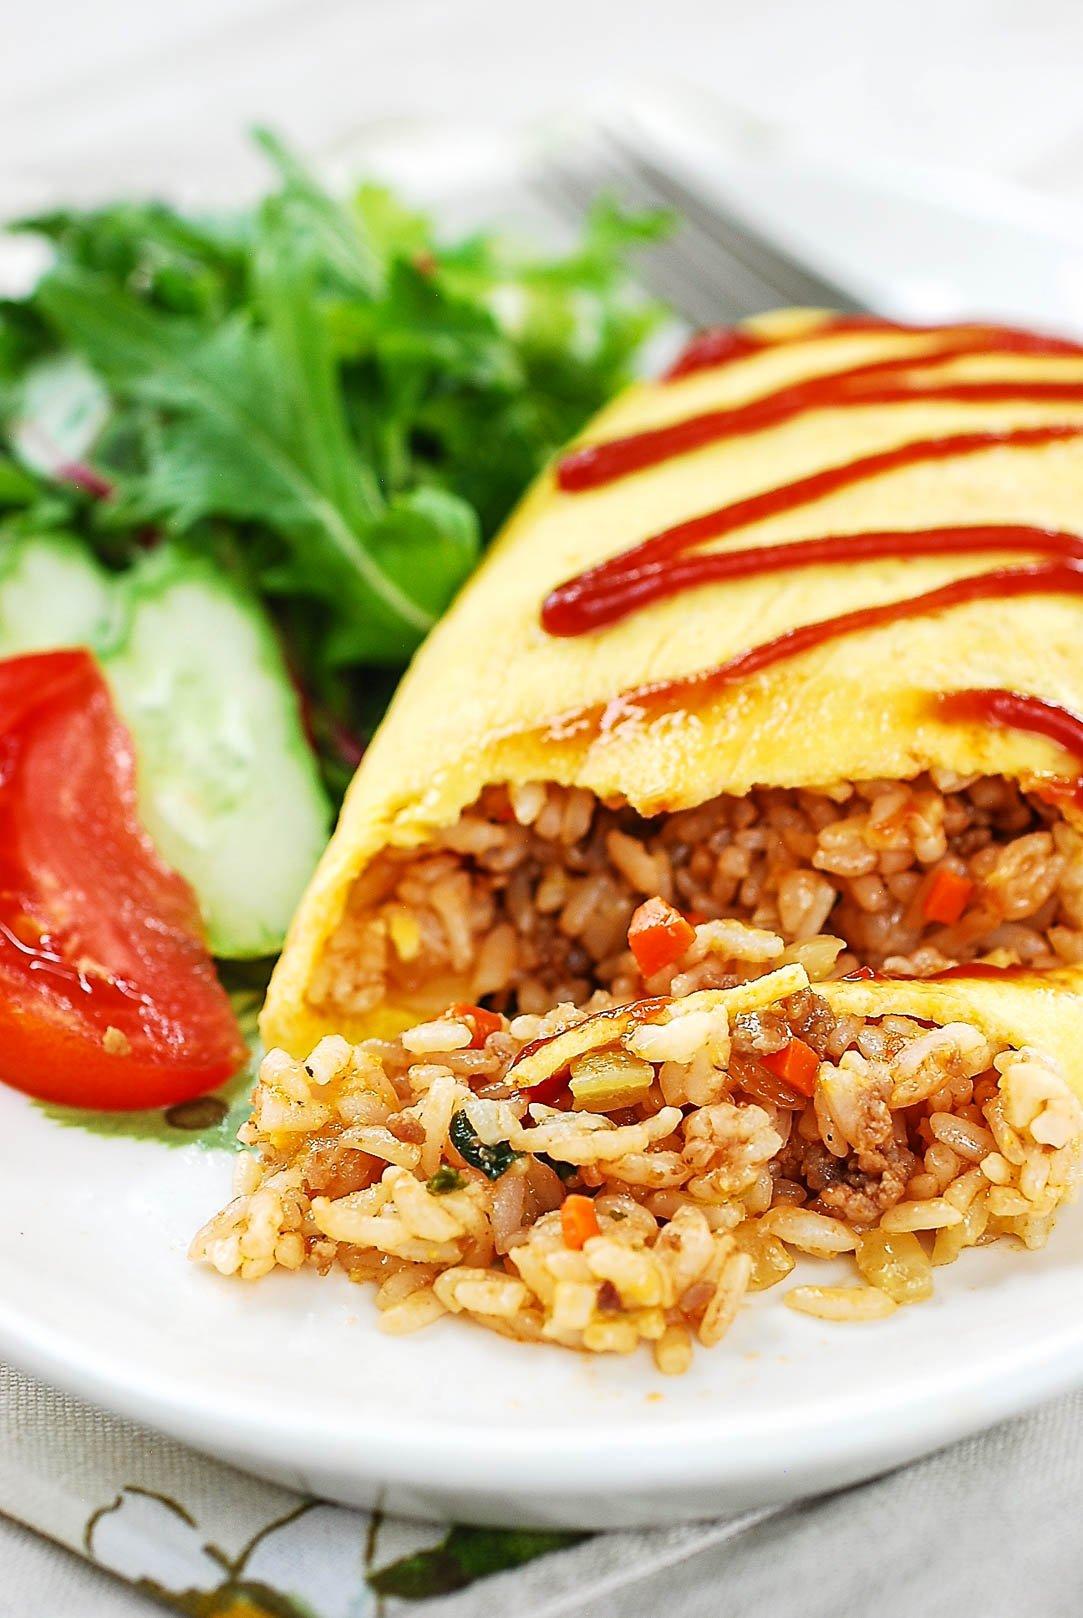 DSC 0161 3 - Omurice (Omelette Rice)